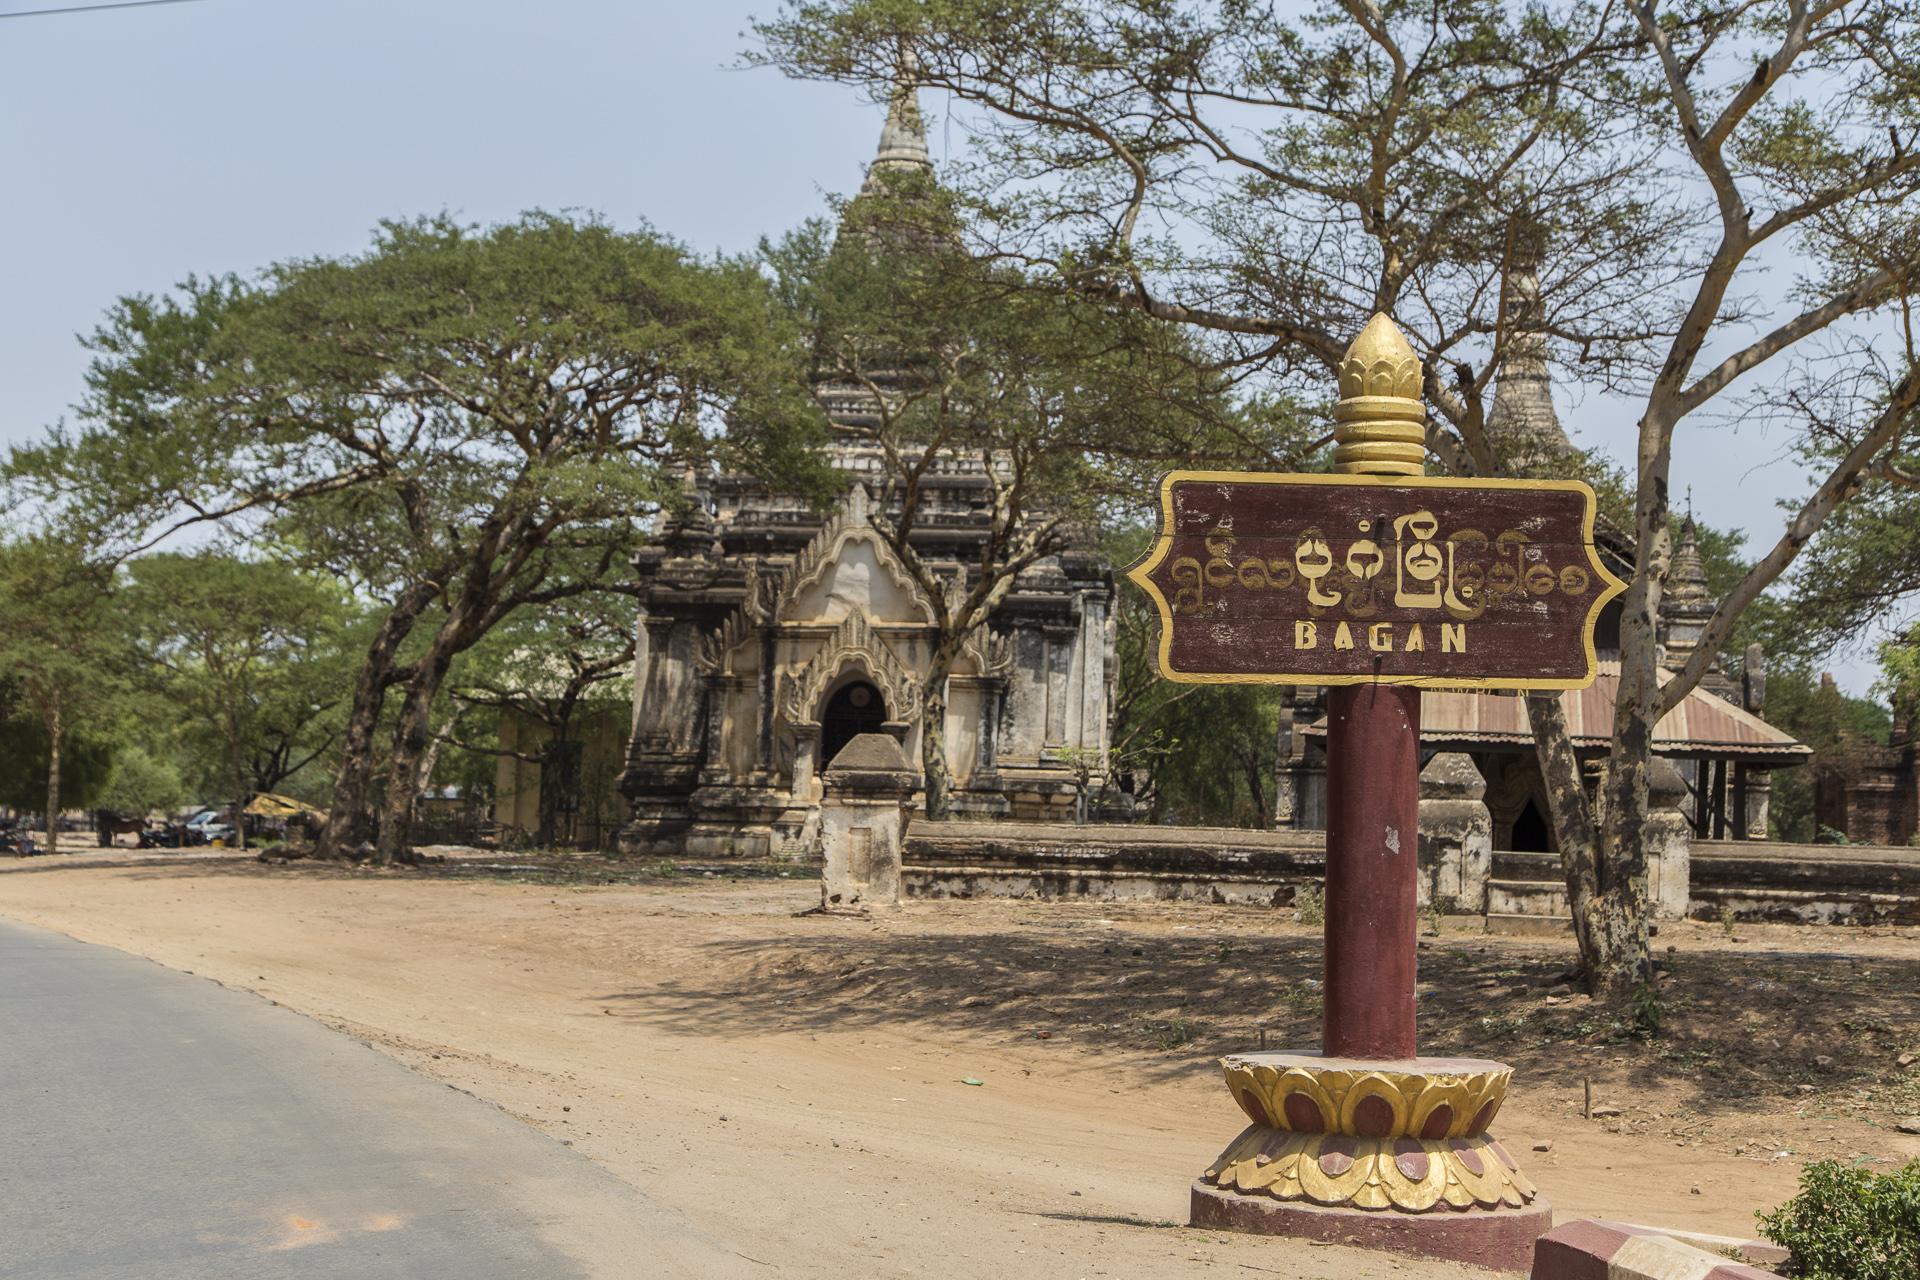 Day 13: Bagan, Day 1